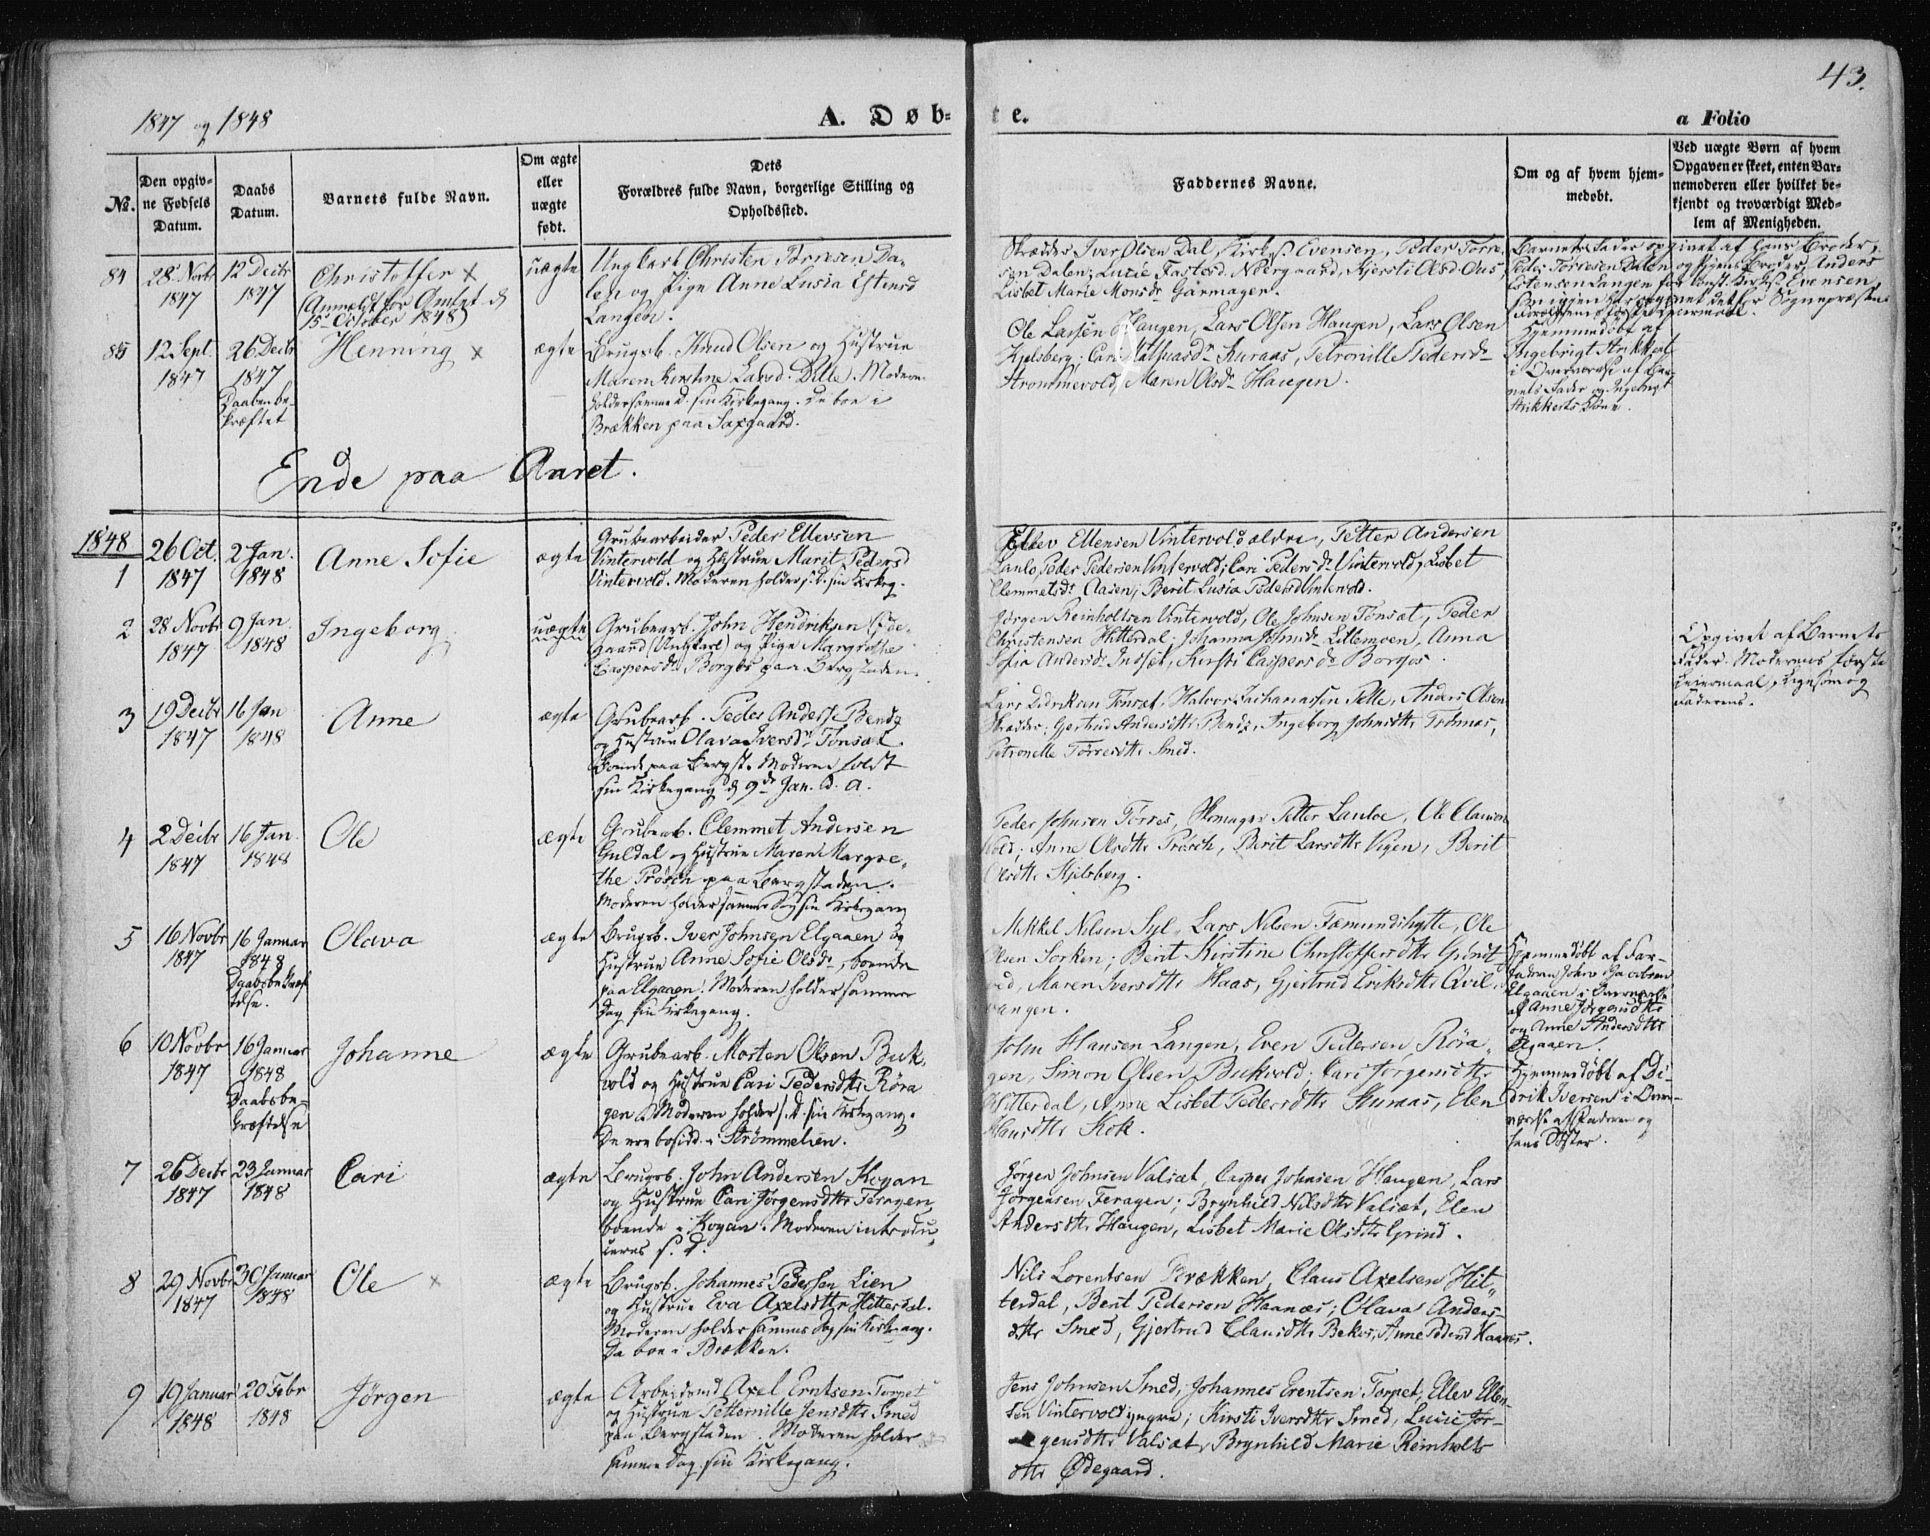 SAT, Ministerialprotokoller, klokkerbøker og fødselsregistre - Sør-Trøndelag, 681/L0931: Ministerialbok nr. 681A09, 1845-1859, s. 43